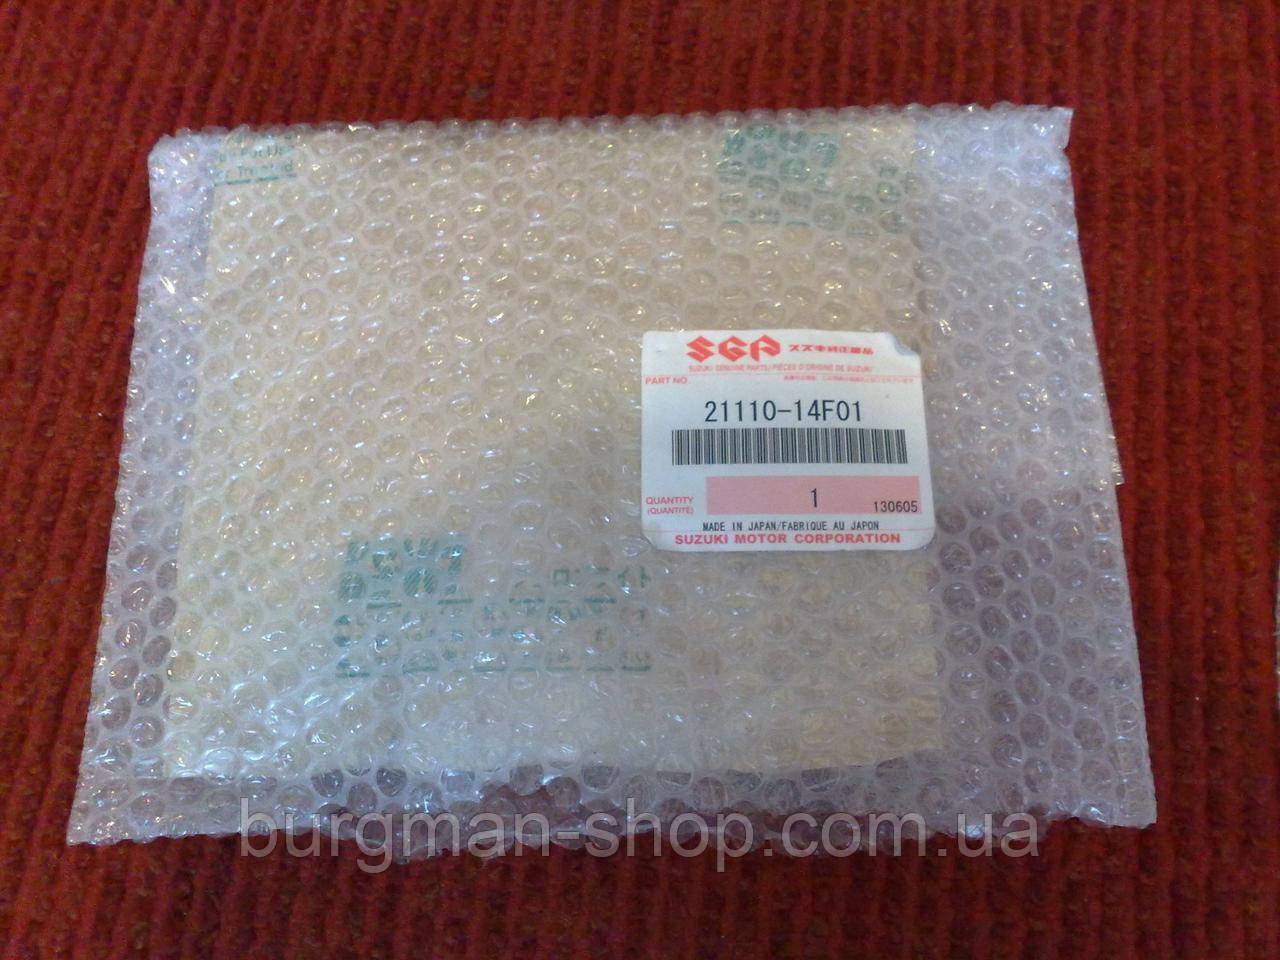 Крыльчатка вариатора 200сс 07-10г / 250сс 98-06г Suzuki Burgman 21110-14F01